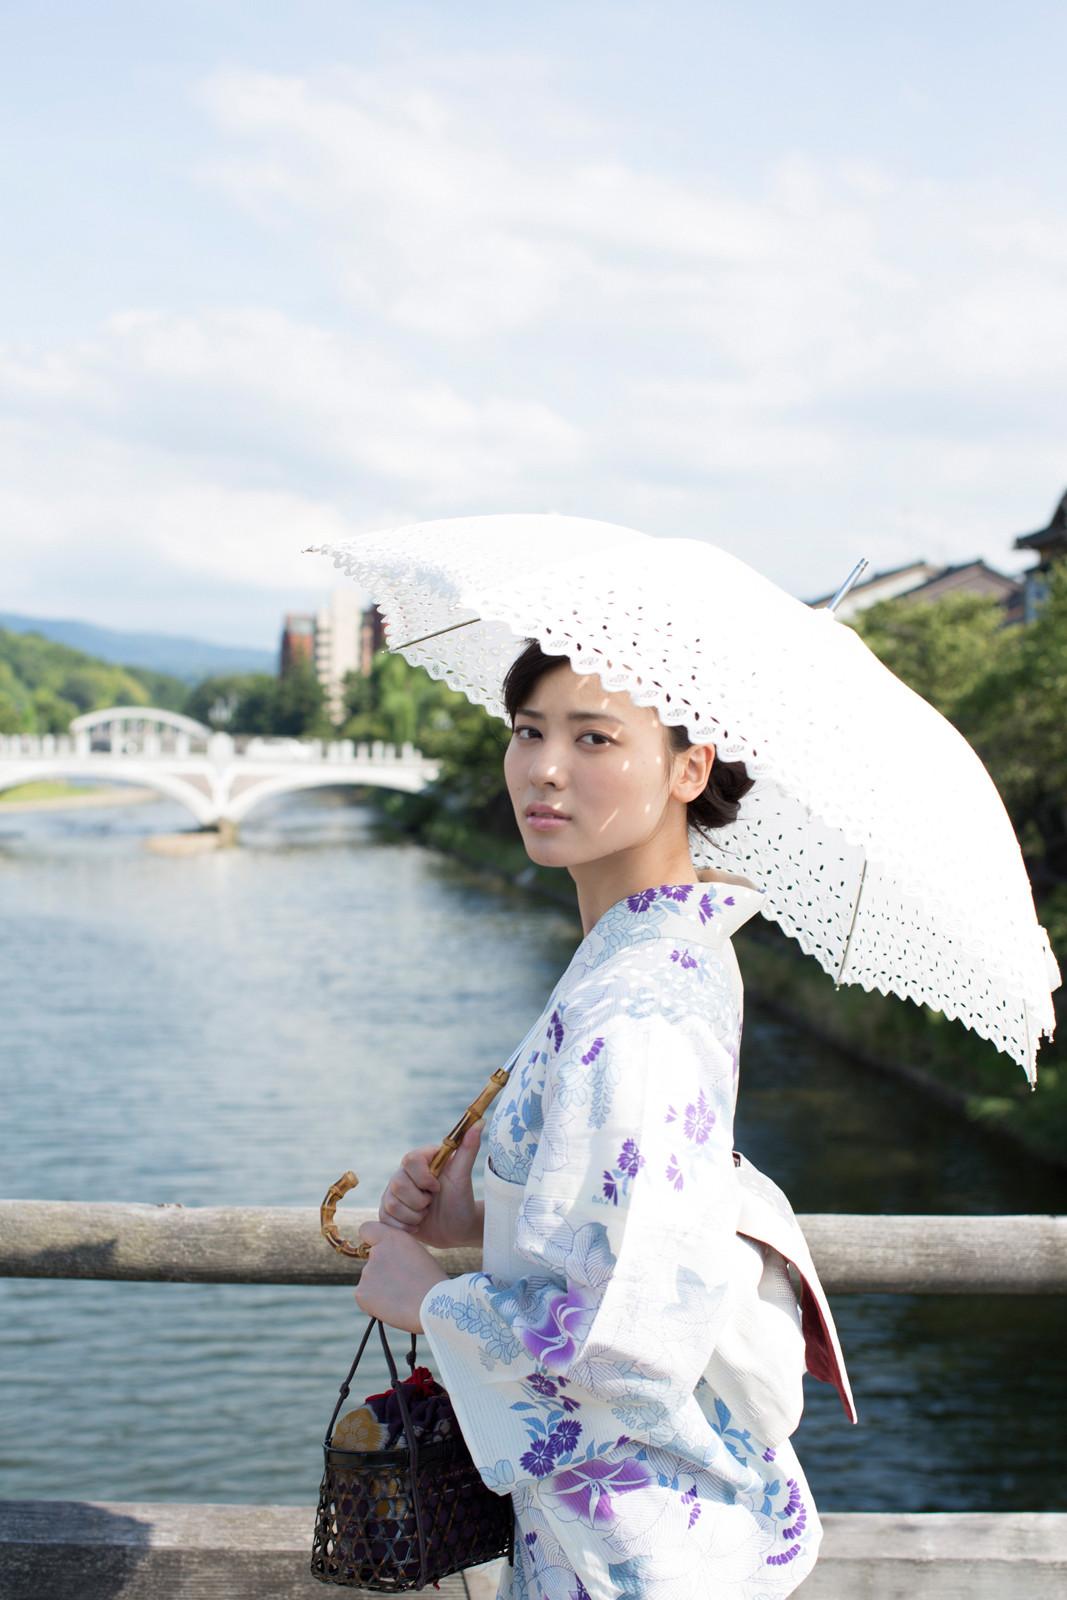 白地に紫のお花の浴衣 白のレースの傘 矢島舞美 橋の上